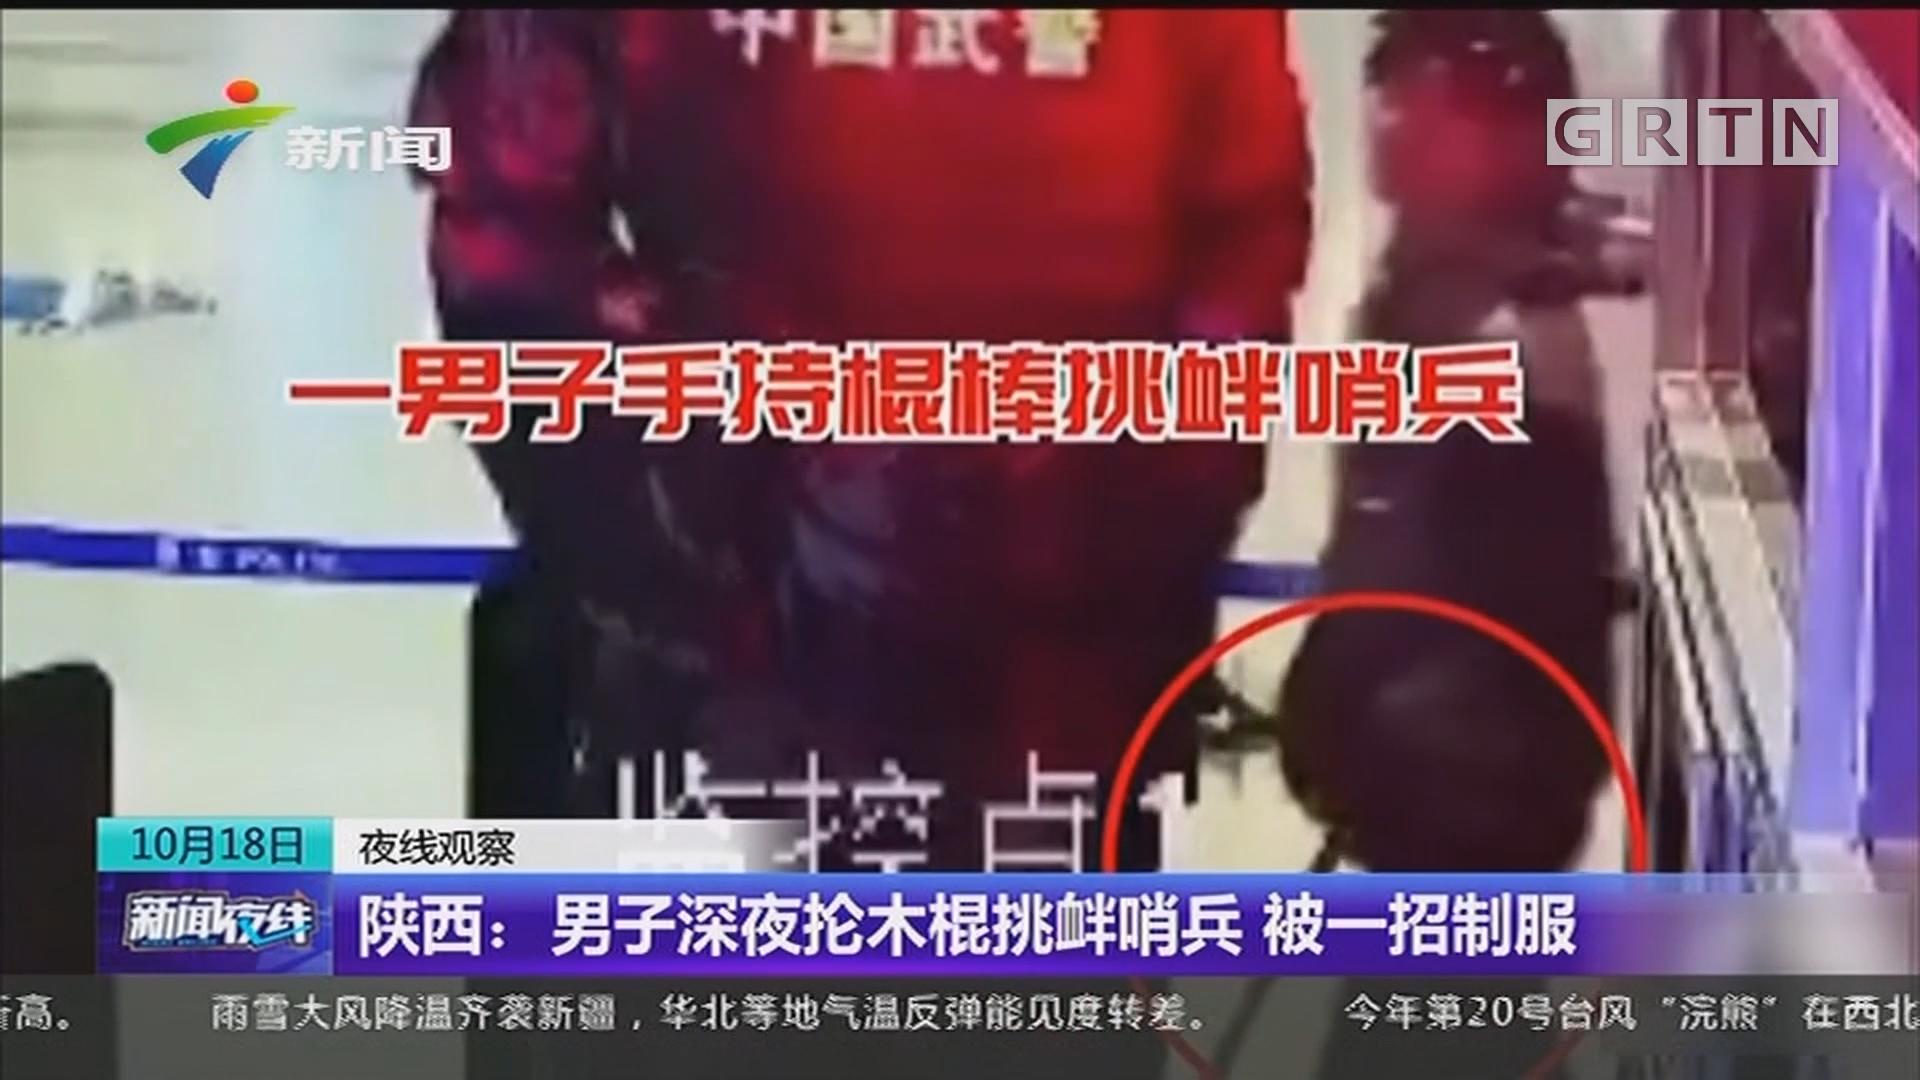 陕西:男子深夜抡木棍挑衅哨兵 被一招制服